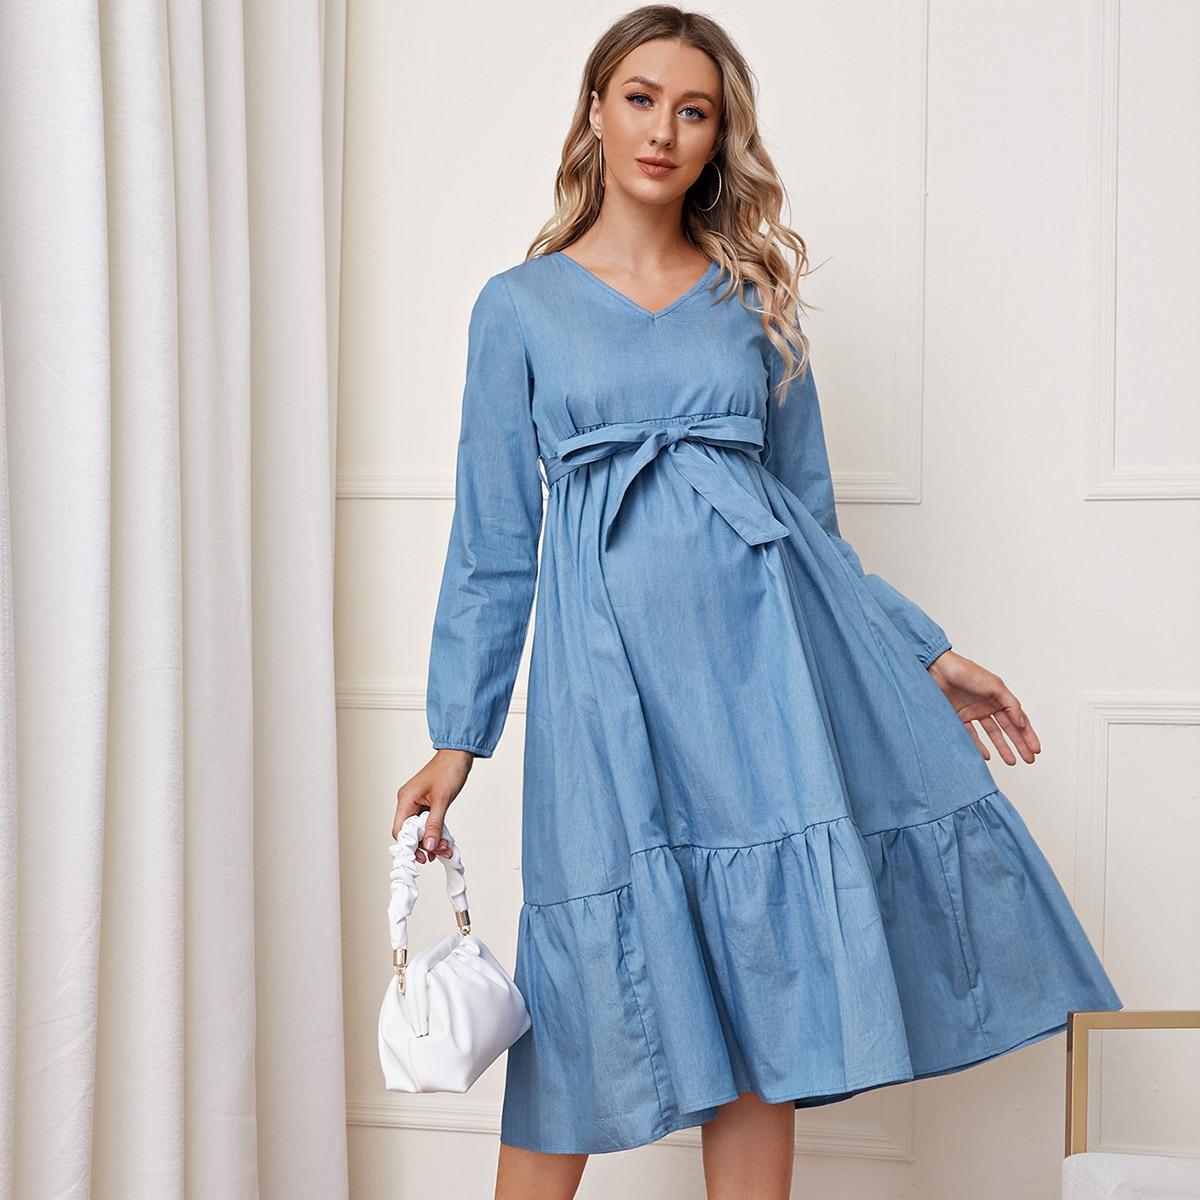 Джинсовое платье с поясом и рукавами фонариками для беременных